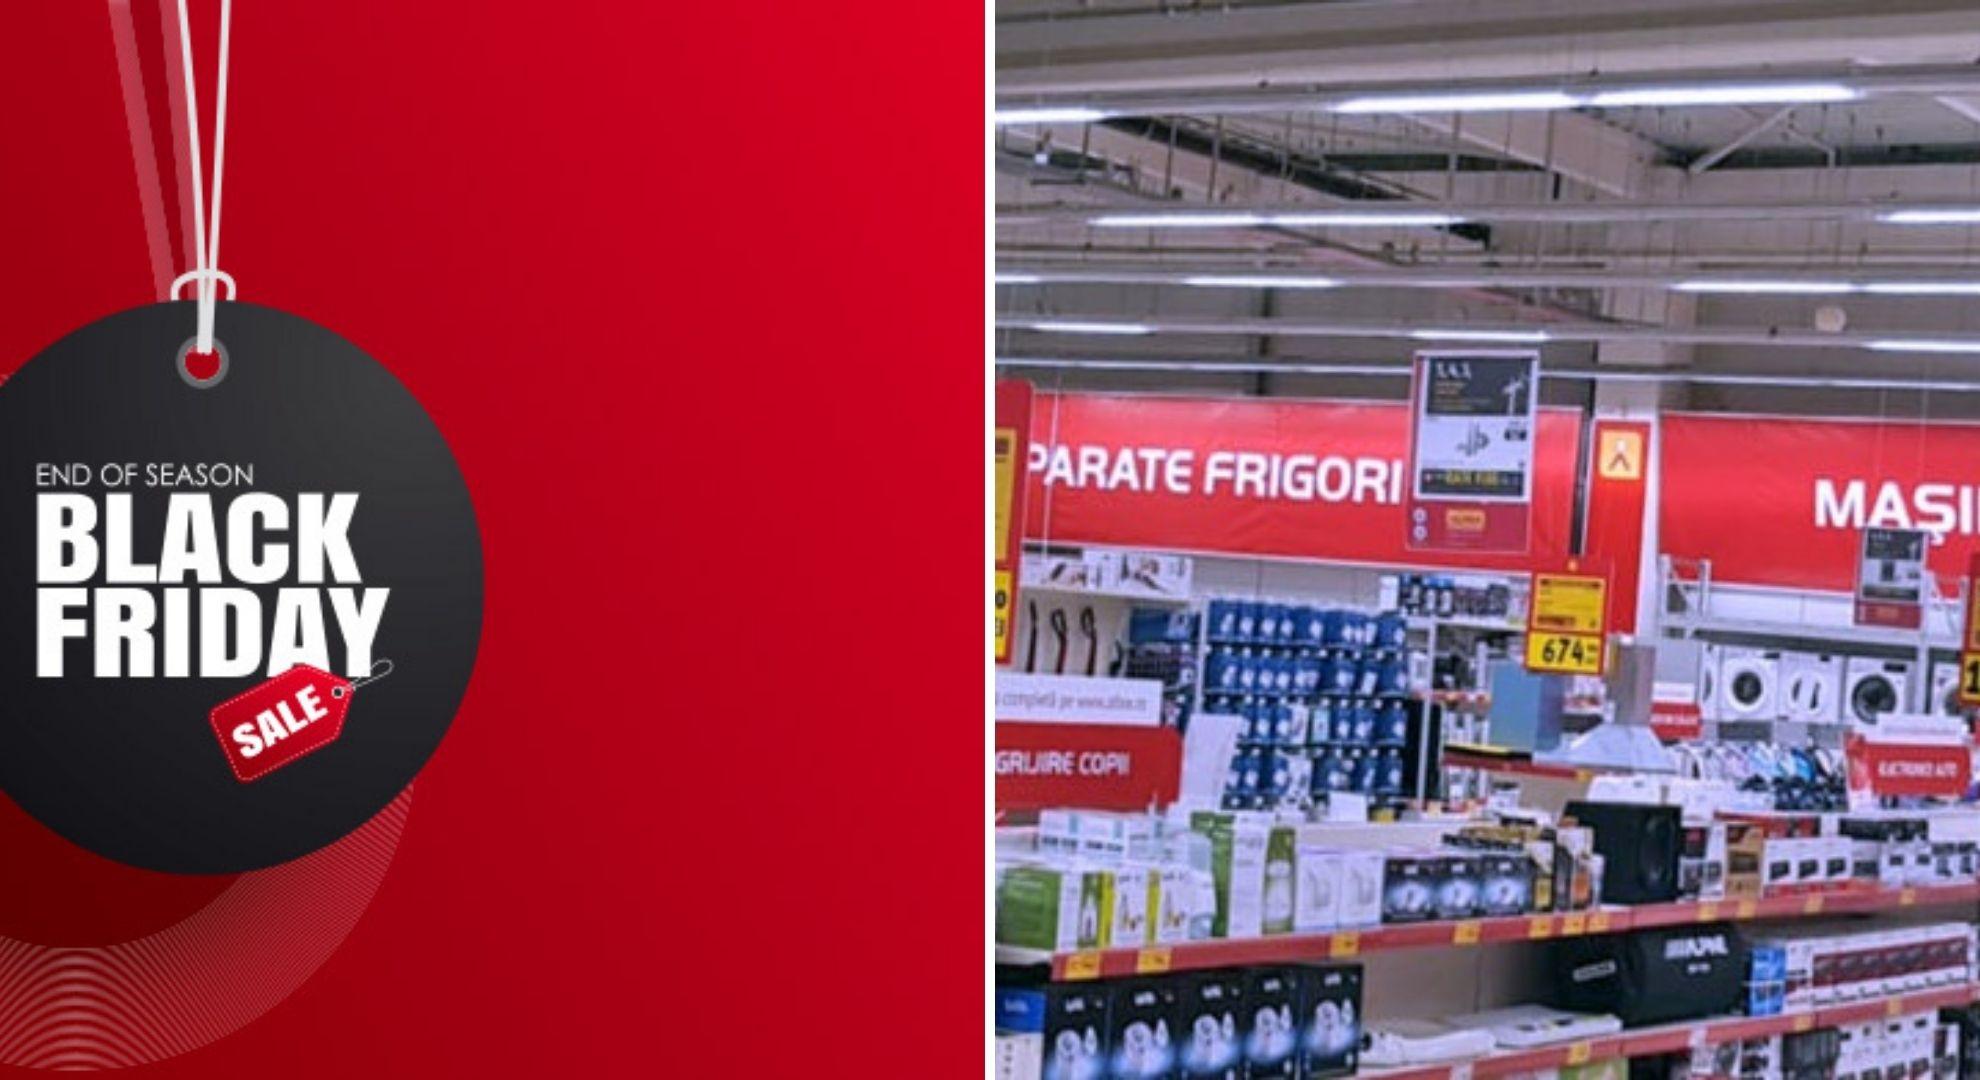 La ce oră începe Black Friday pe eMAG, cel.ro sau Altex. Orarul fiecărui magazin online